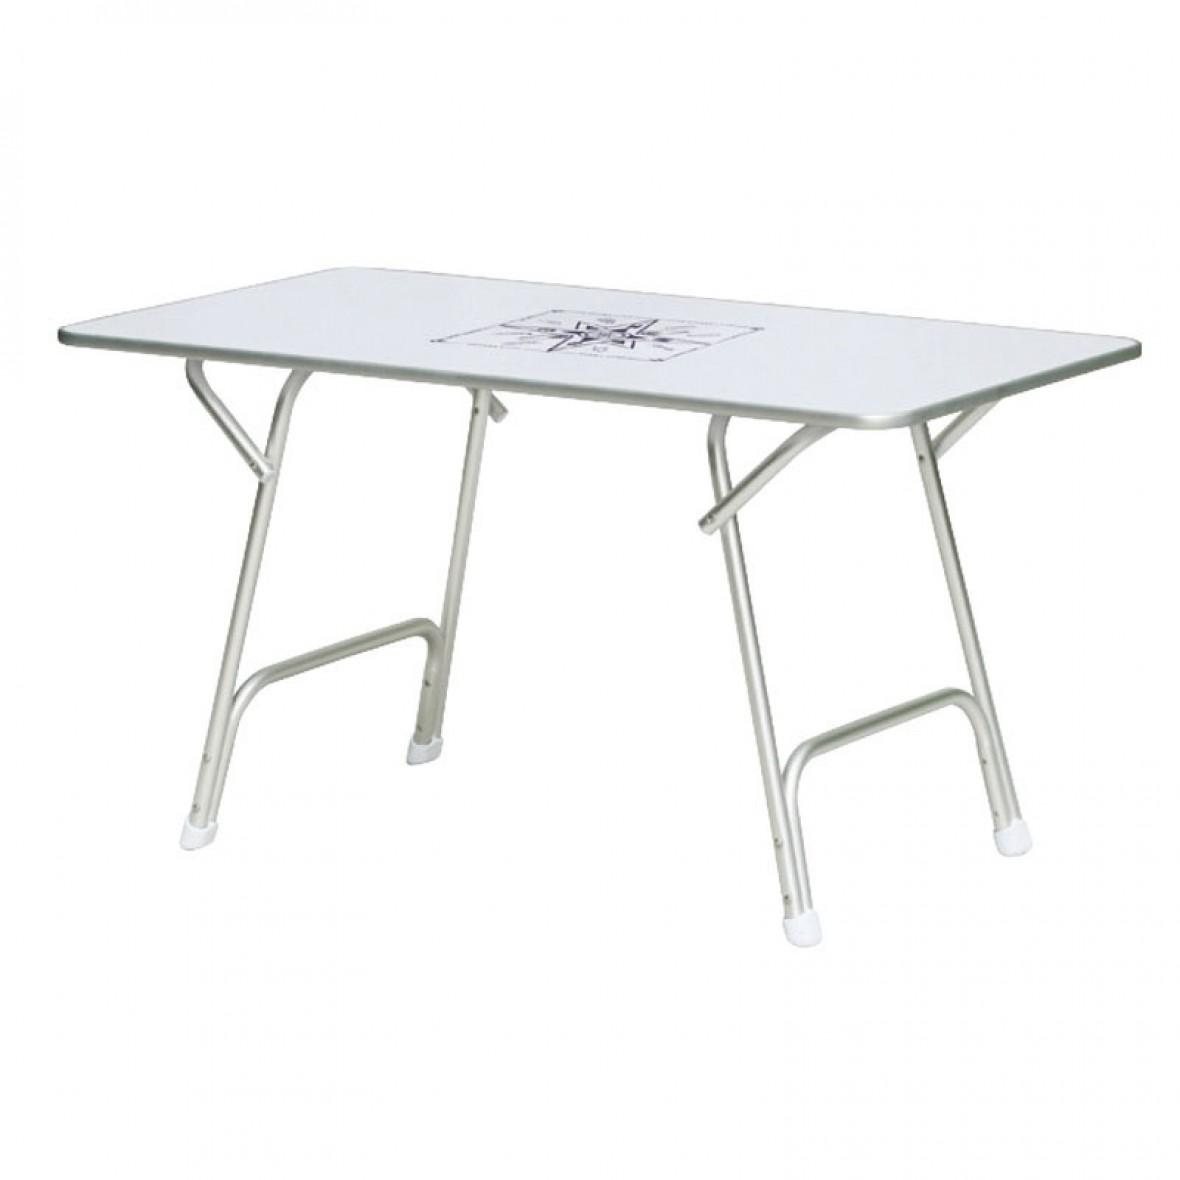 Tavoli Pieghevoli Da Barca.Vendita Tavolo Per Barca Pieghevole In Alluminio Cm 130x73 Altezza